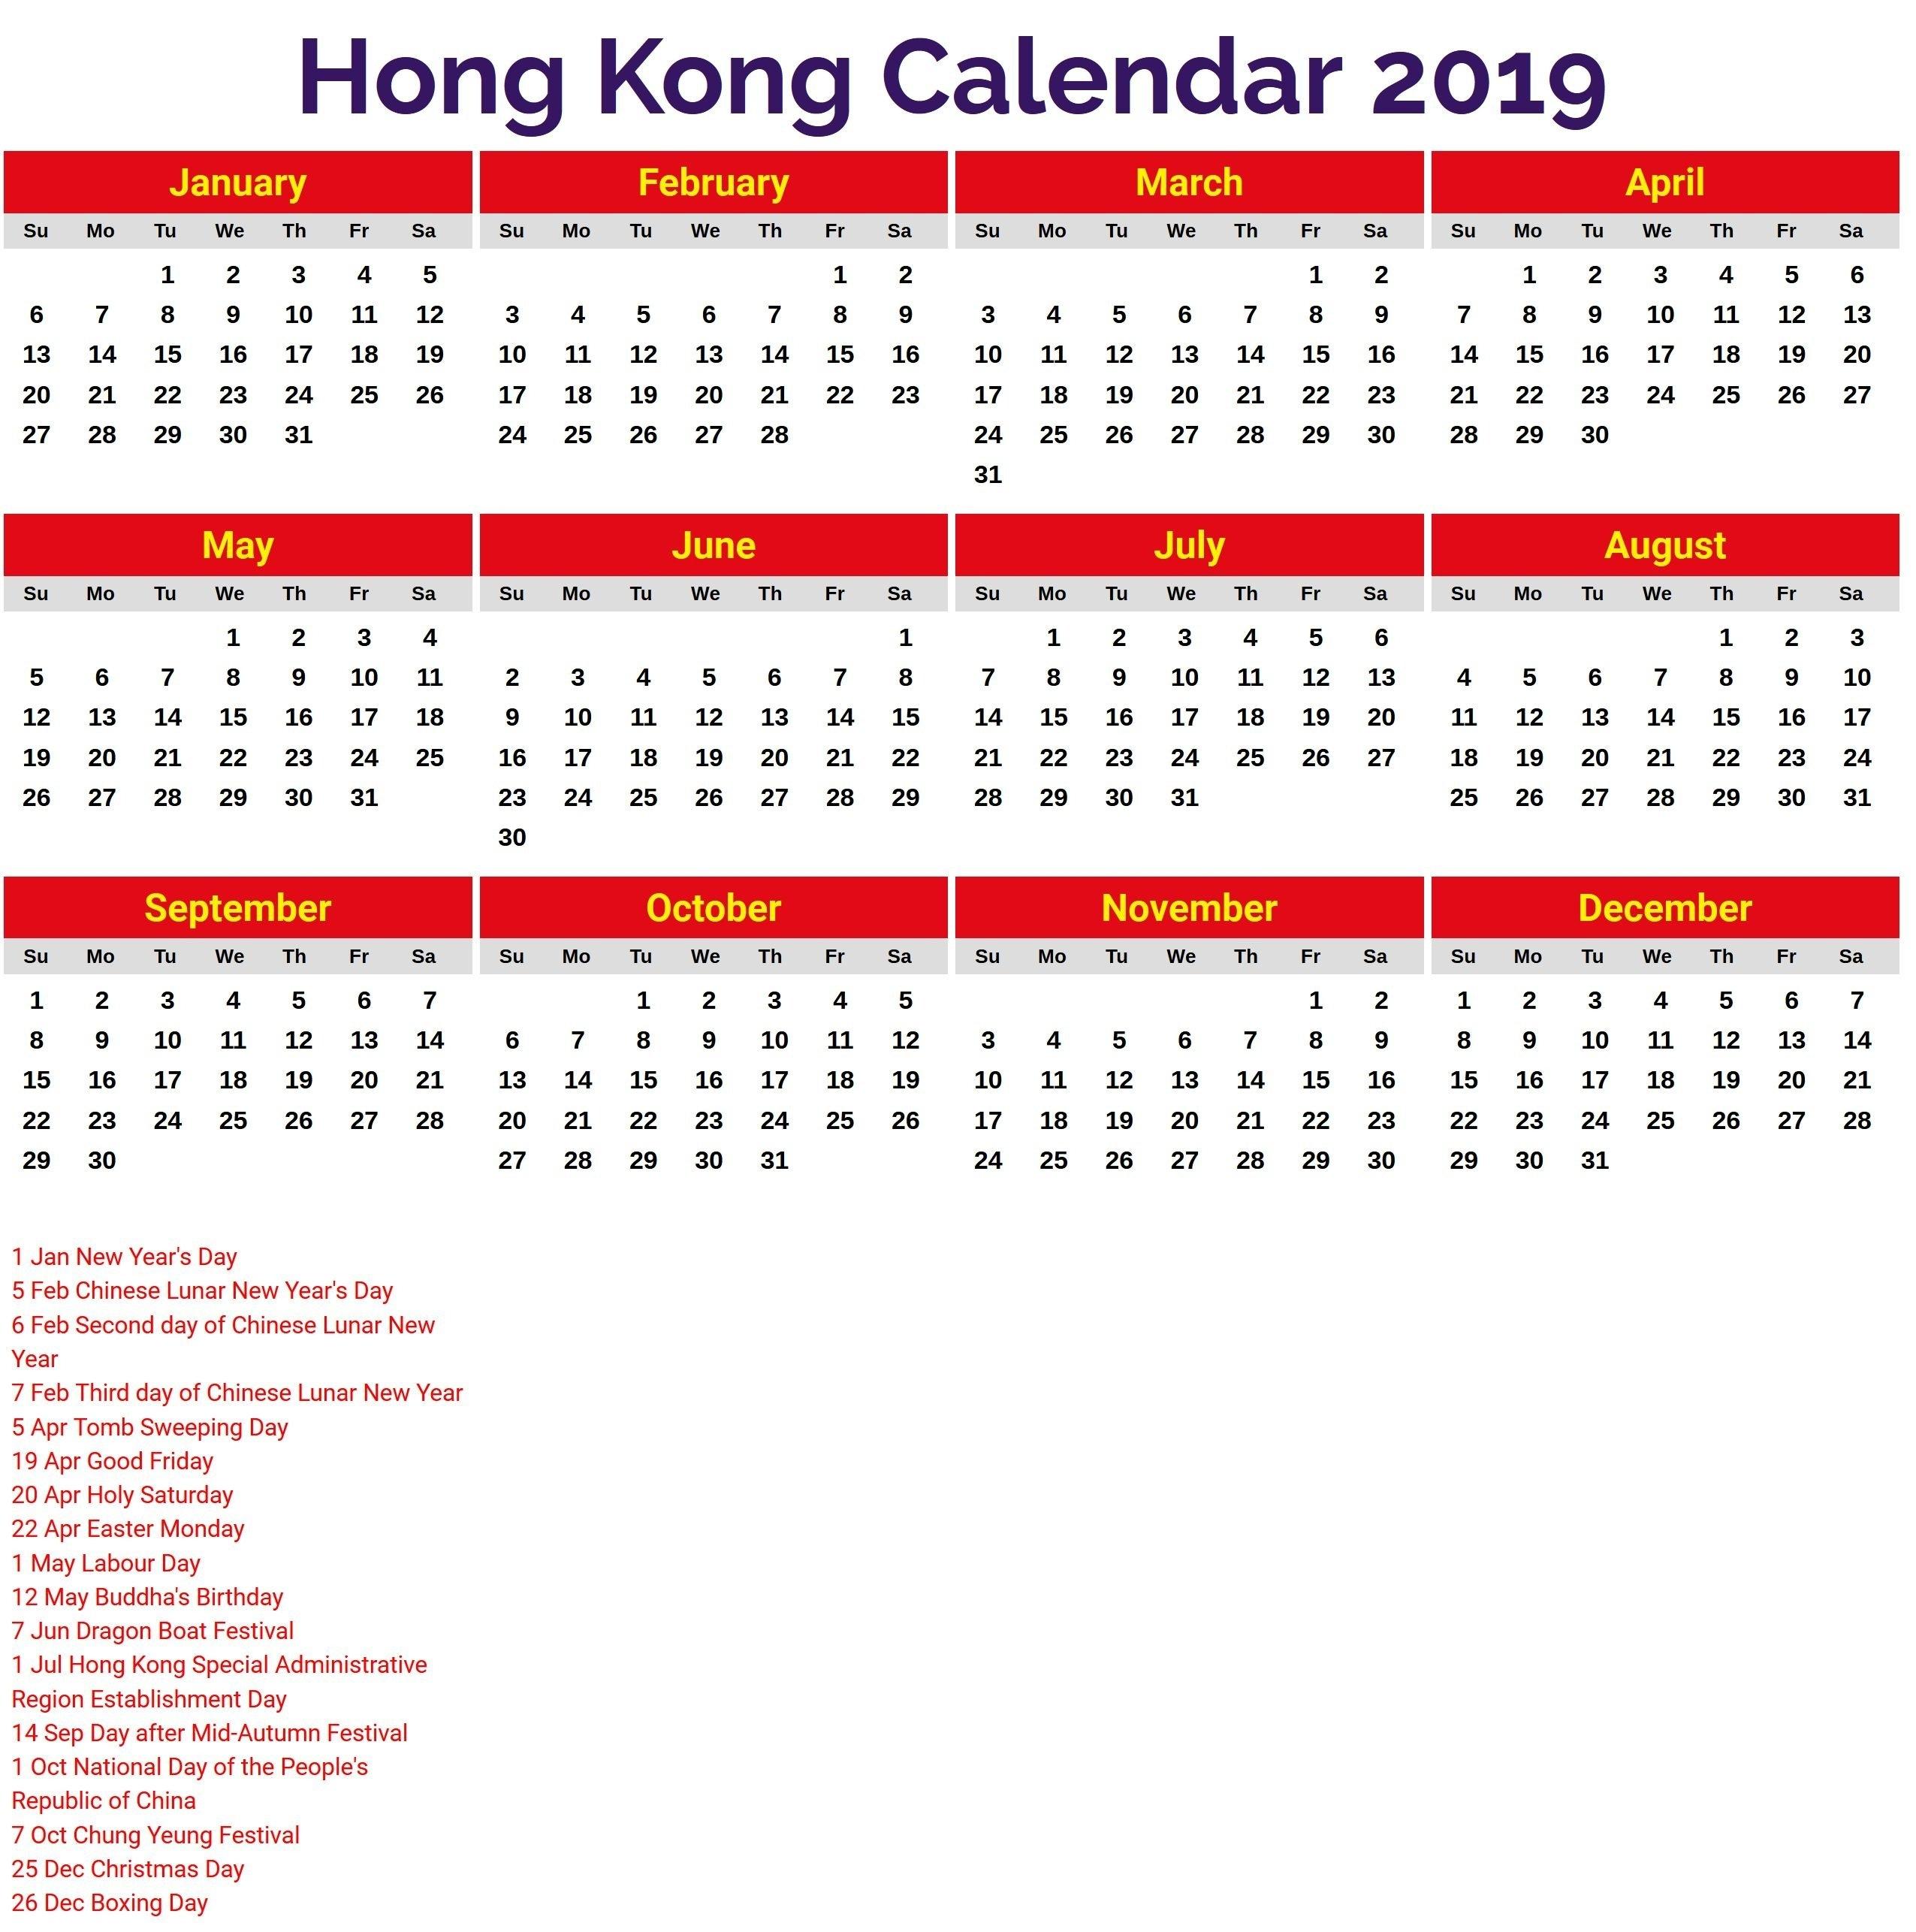 October 2019 Calendar Hong Kong | Calendar Template Etknlik Calendar 2019 Hong Kong